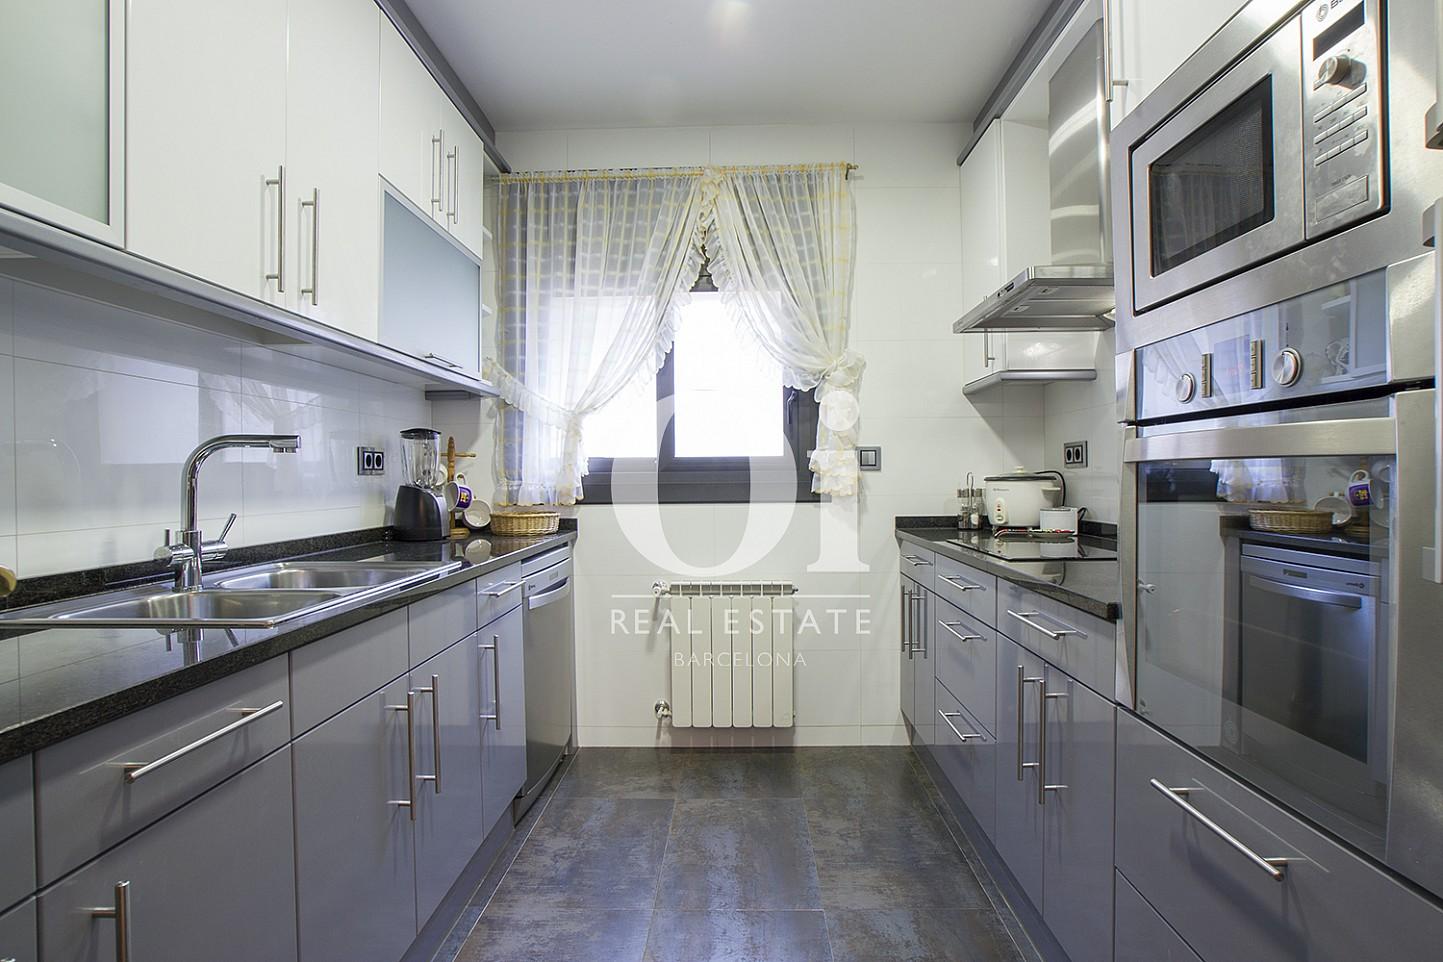 Blick in die Küche vom Haus zum Kauf in Tagamanent, Barcelona